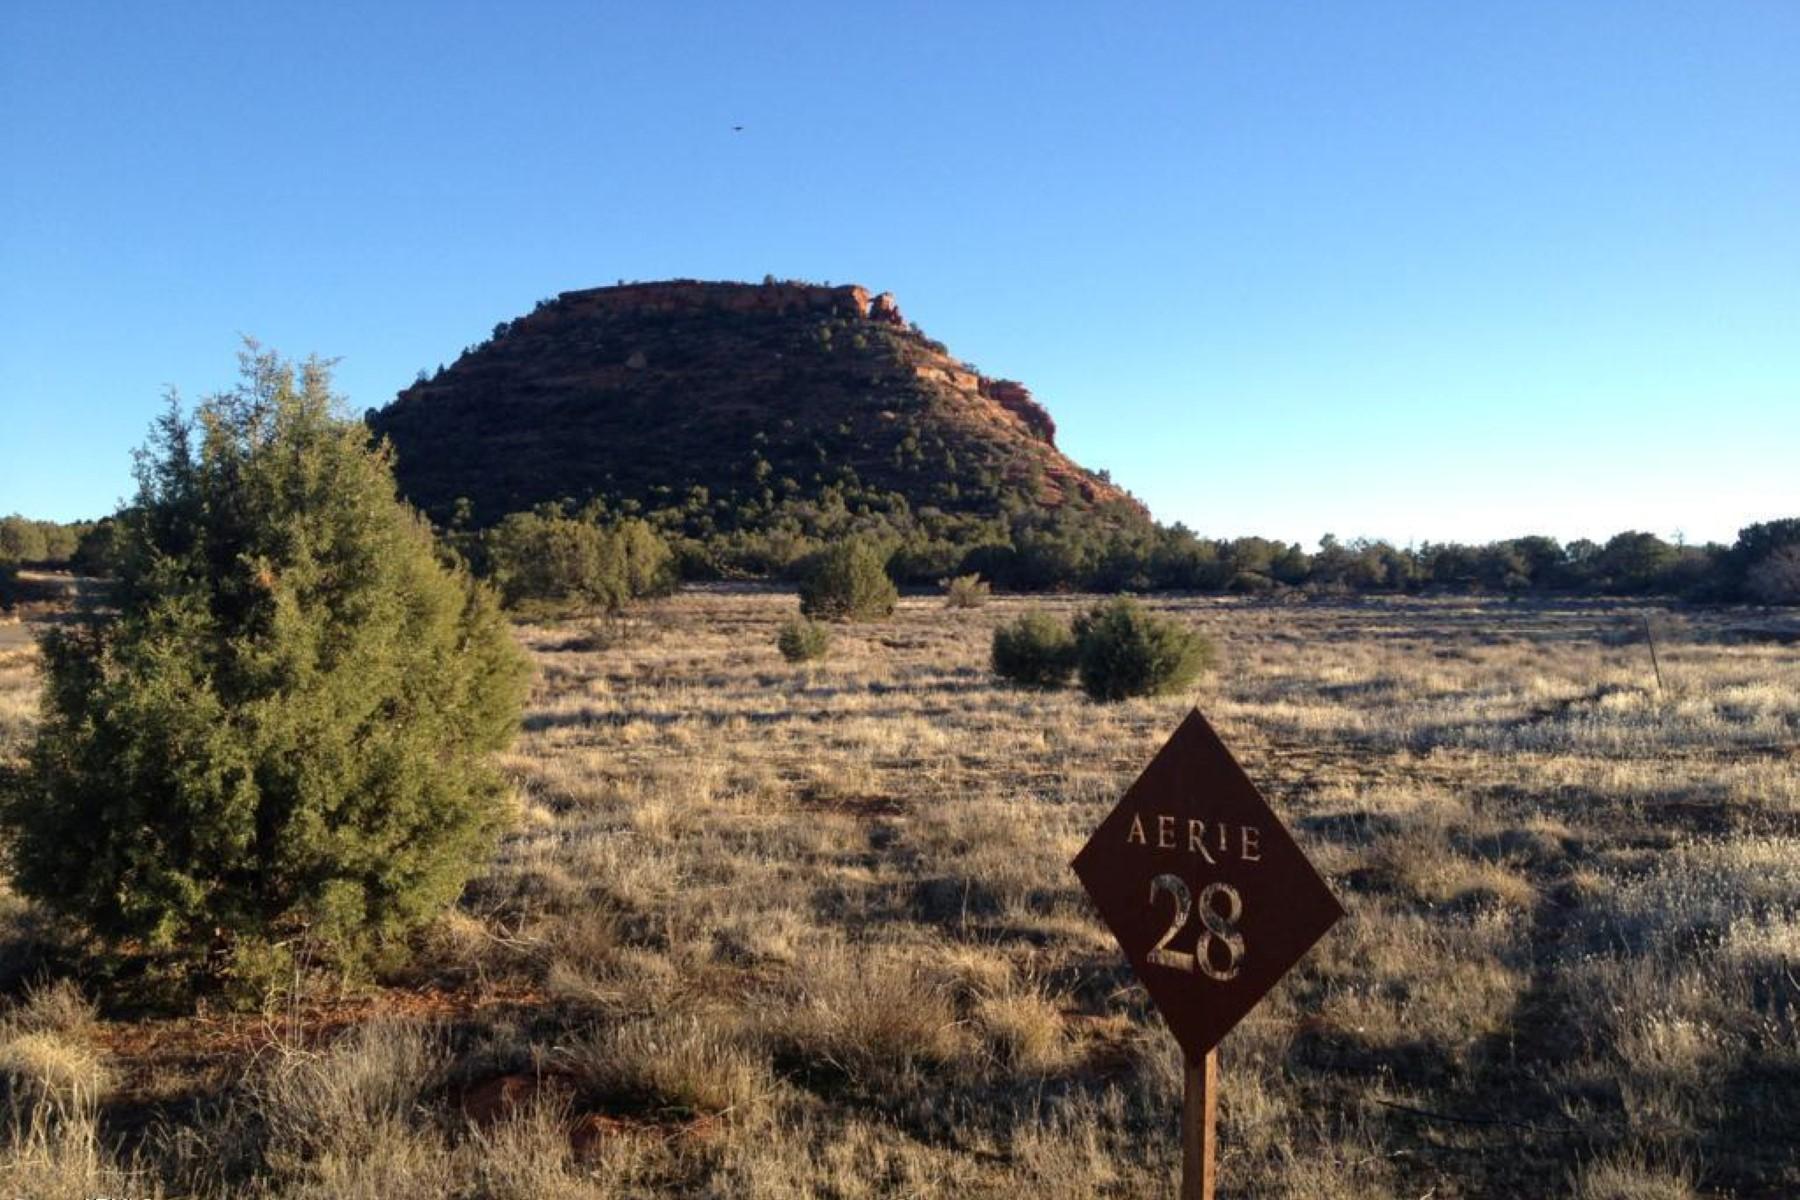 土地 为 销售 在 Aerie Lot 20 - Gently sloped, very private lot with expansive red rock views. 150 Altair AVE 20 Sedona, 亚利桑那州 86336 美国